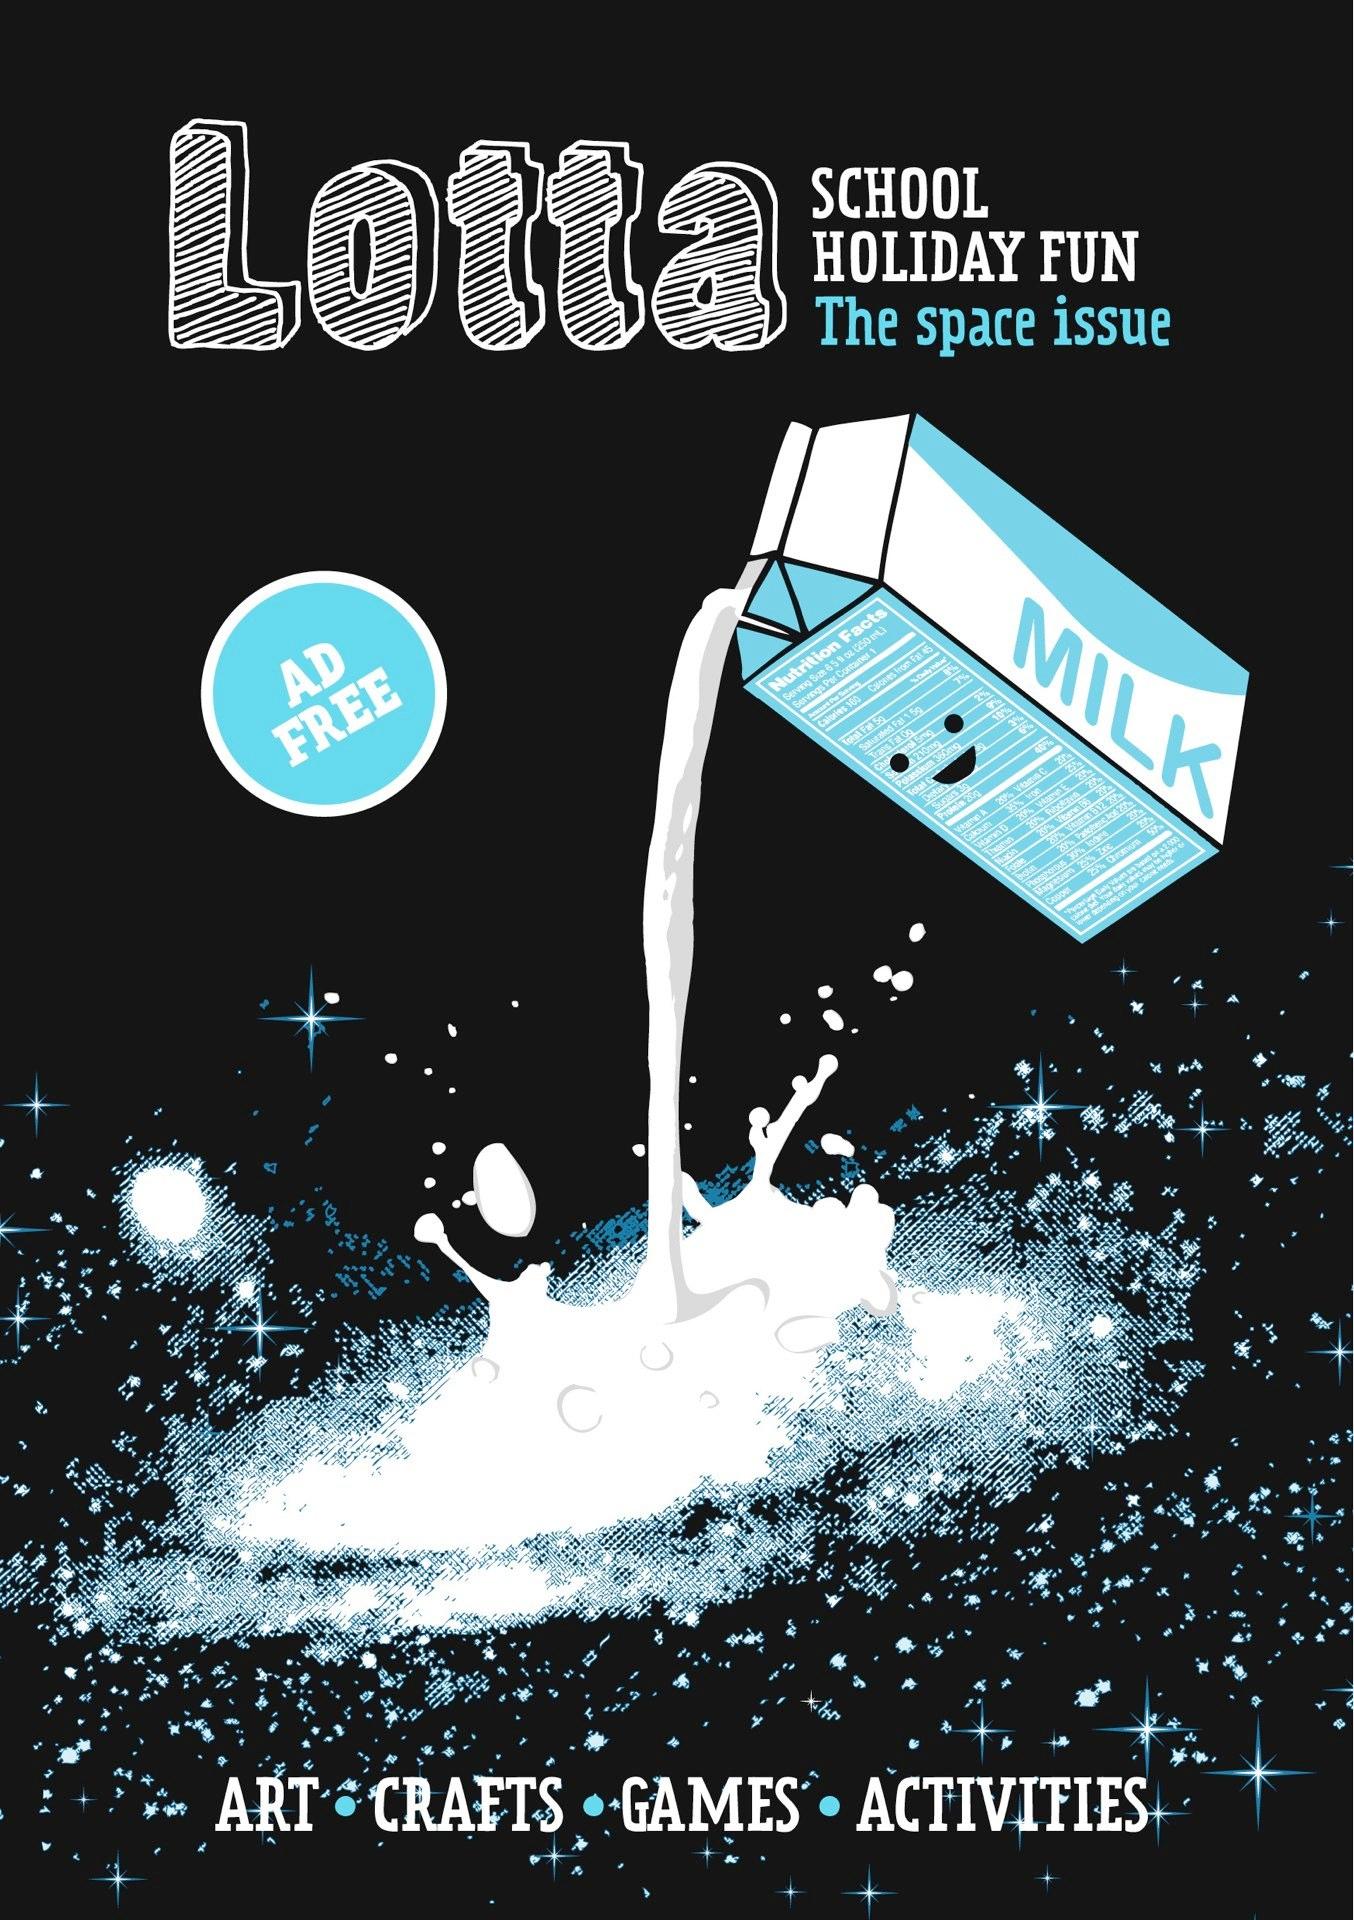 Lotta Magazine For Children Childrens Books Daily